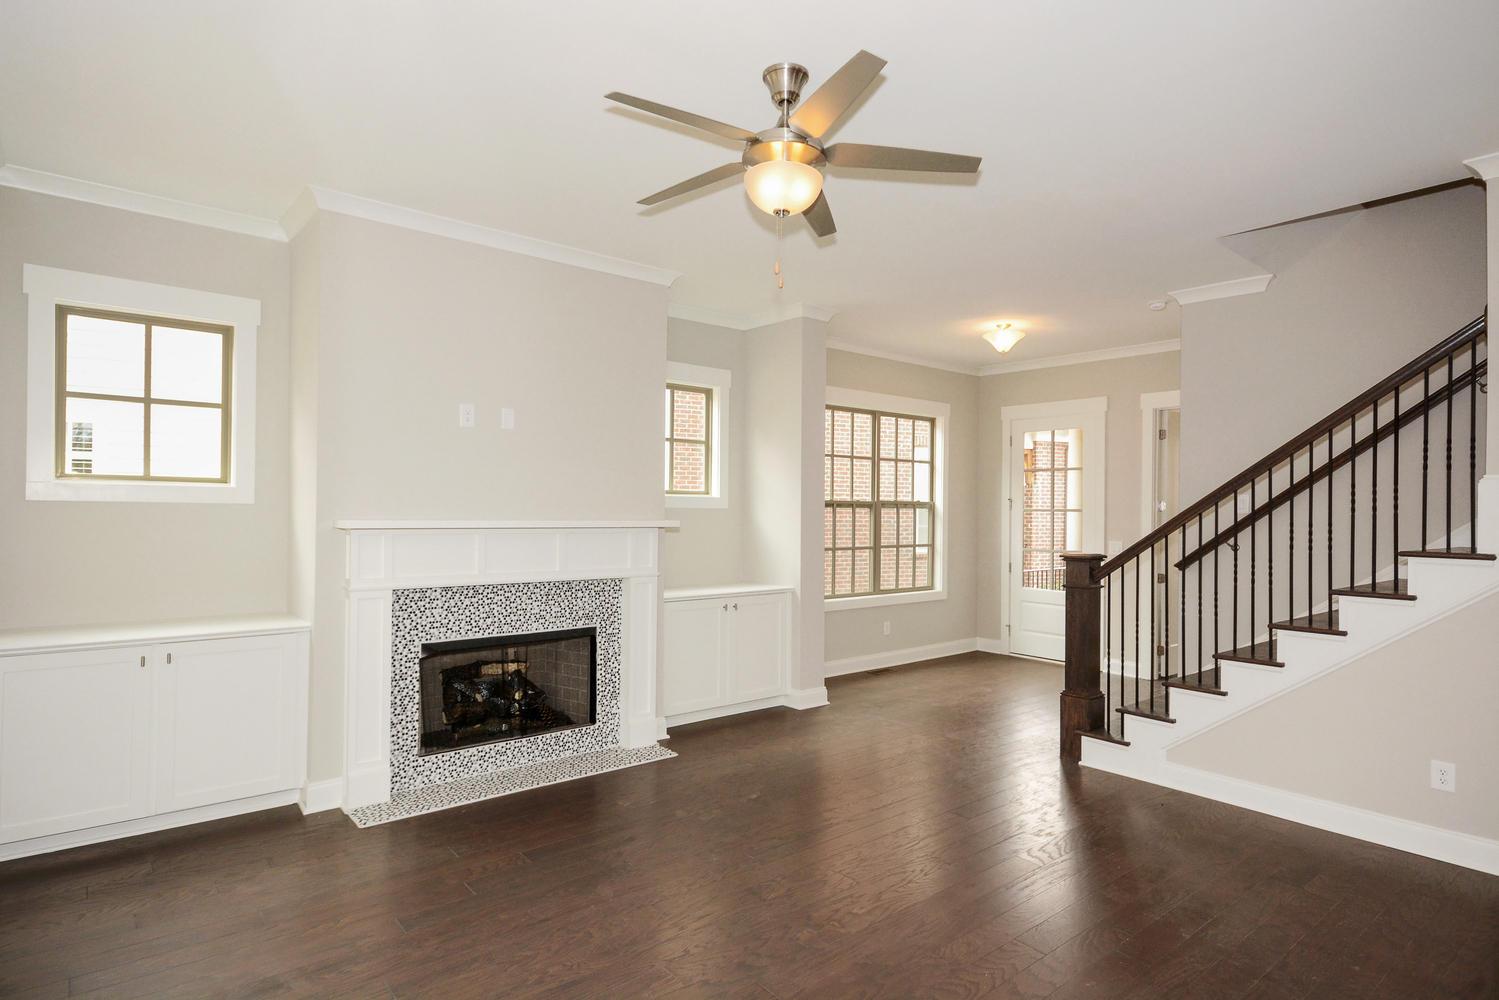 Dunes West Homes For Sale - 2949 Minnow, Mount Pleasant, SC - 8